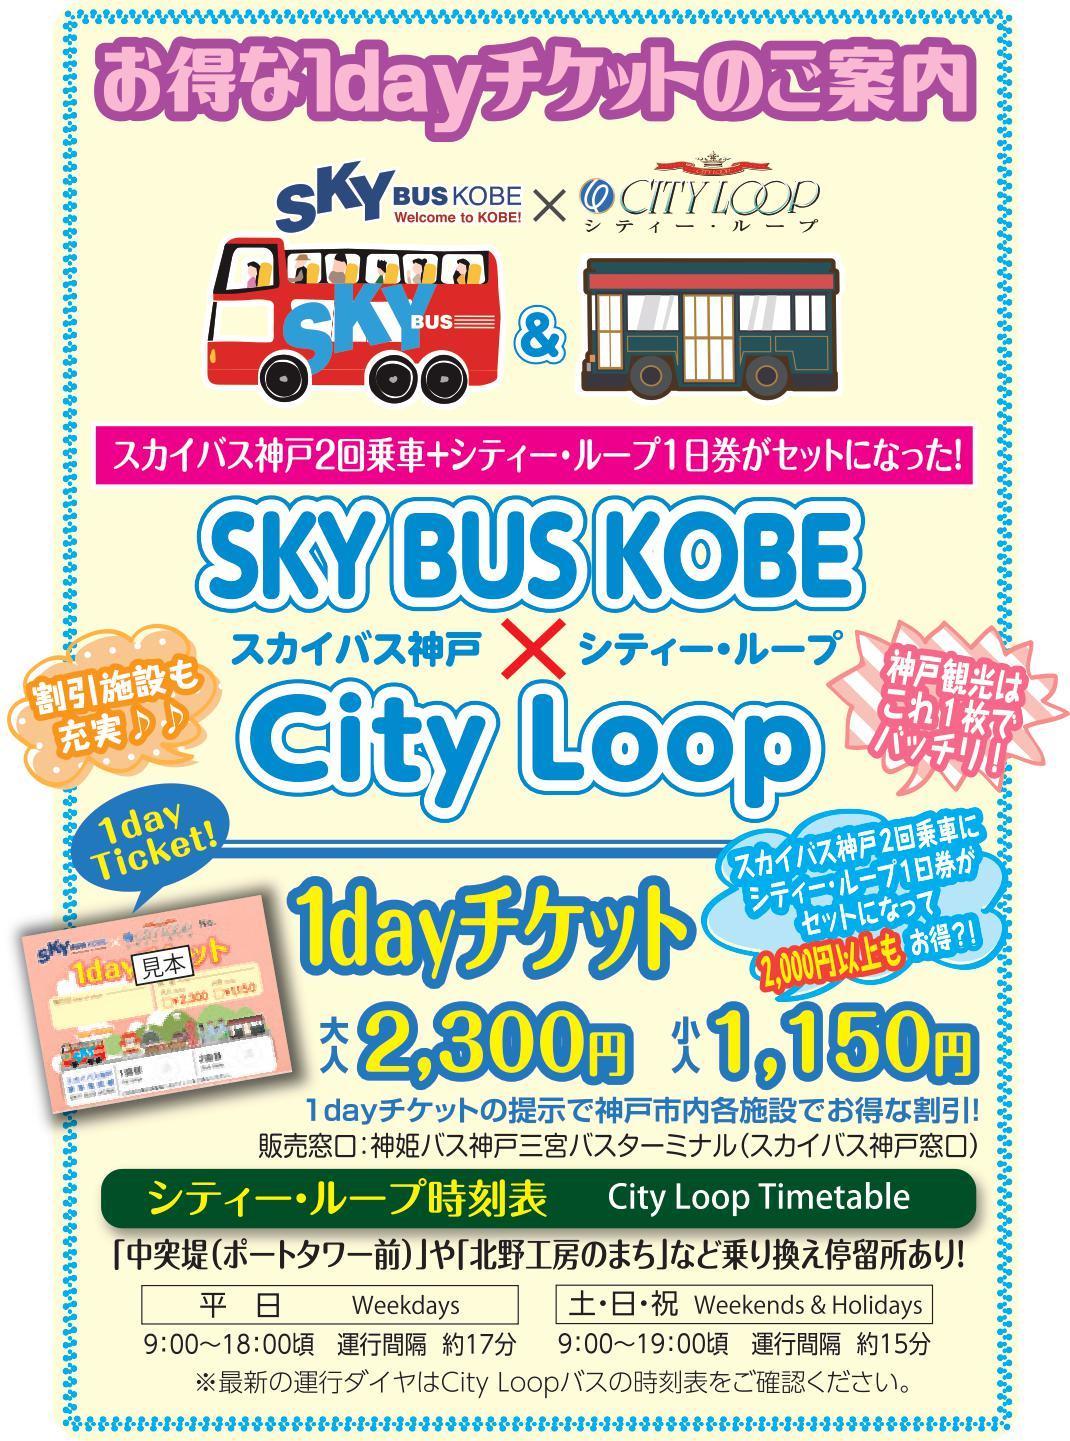 神戶自由行的好幫手「SKY BUS KOBE × City Loop一日券」